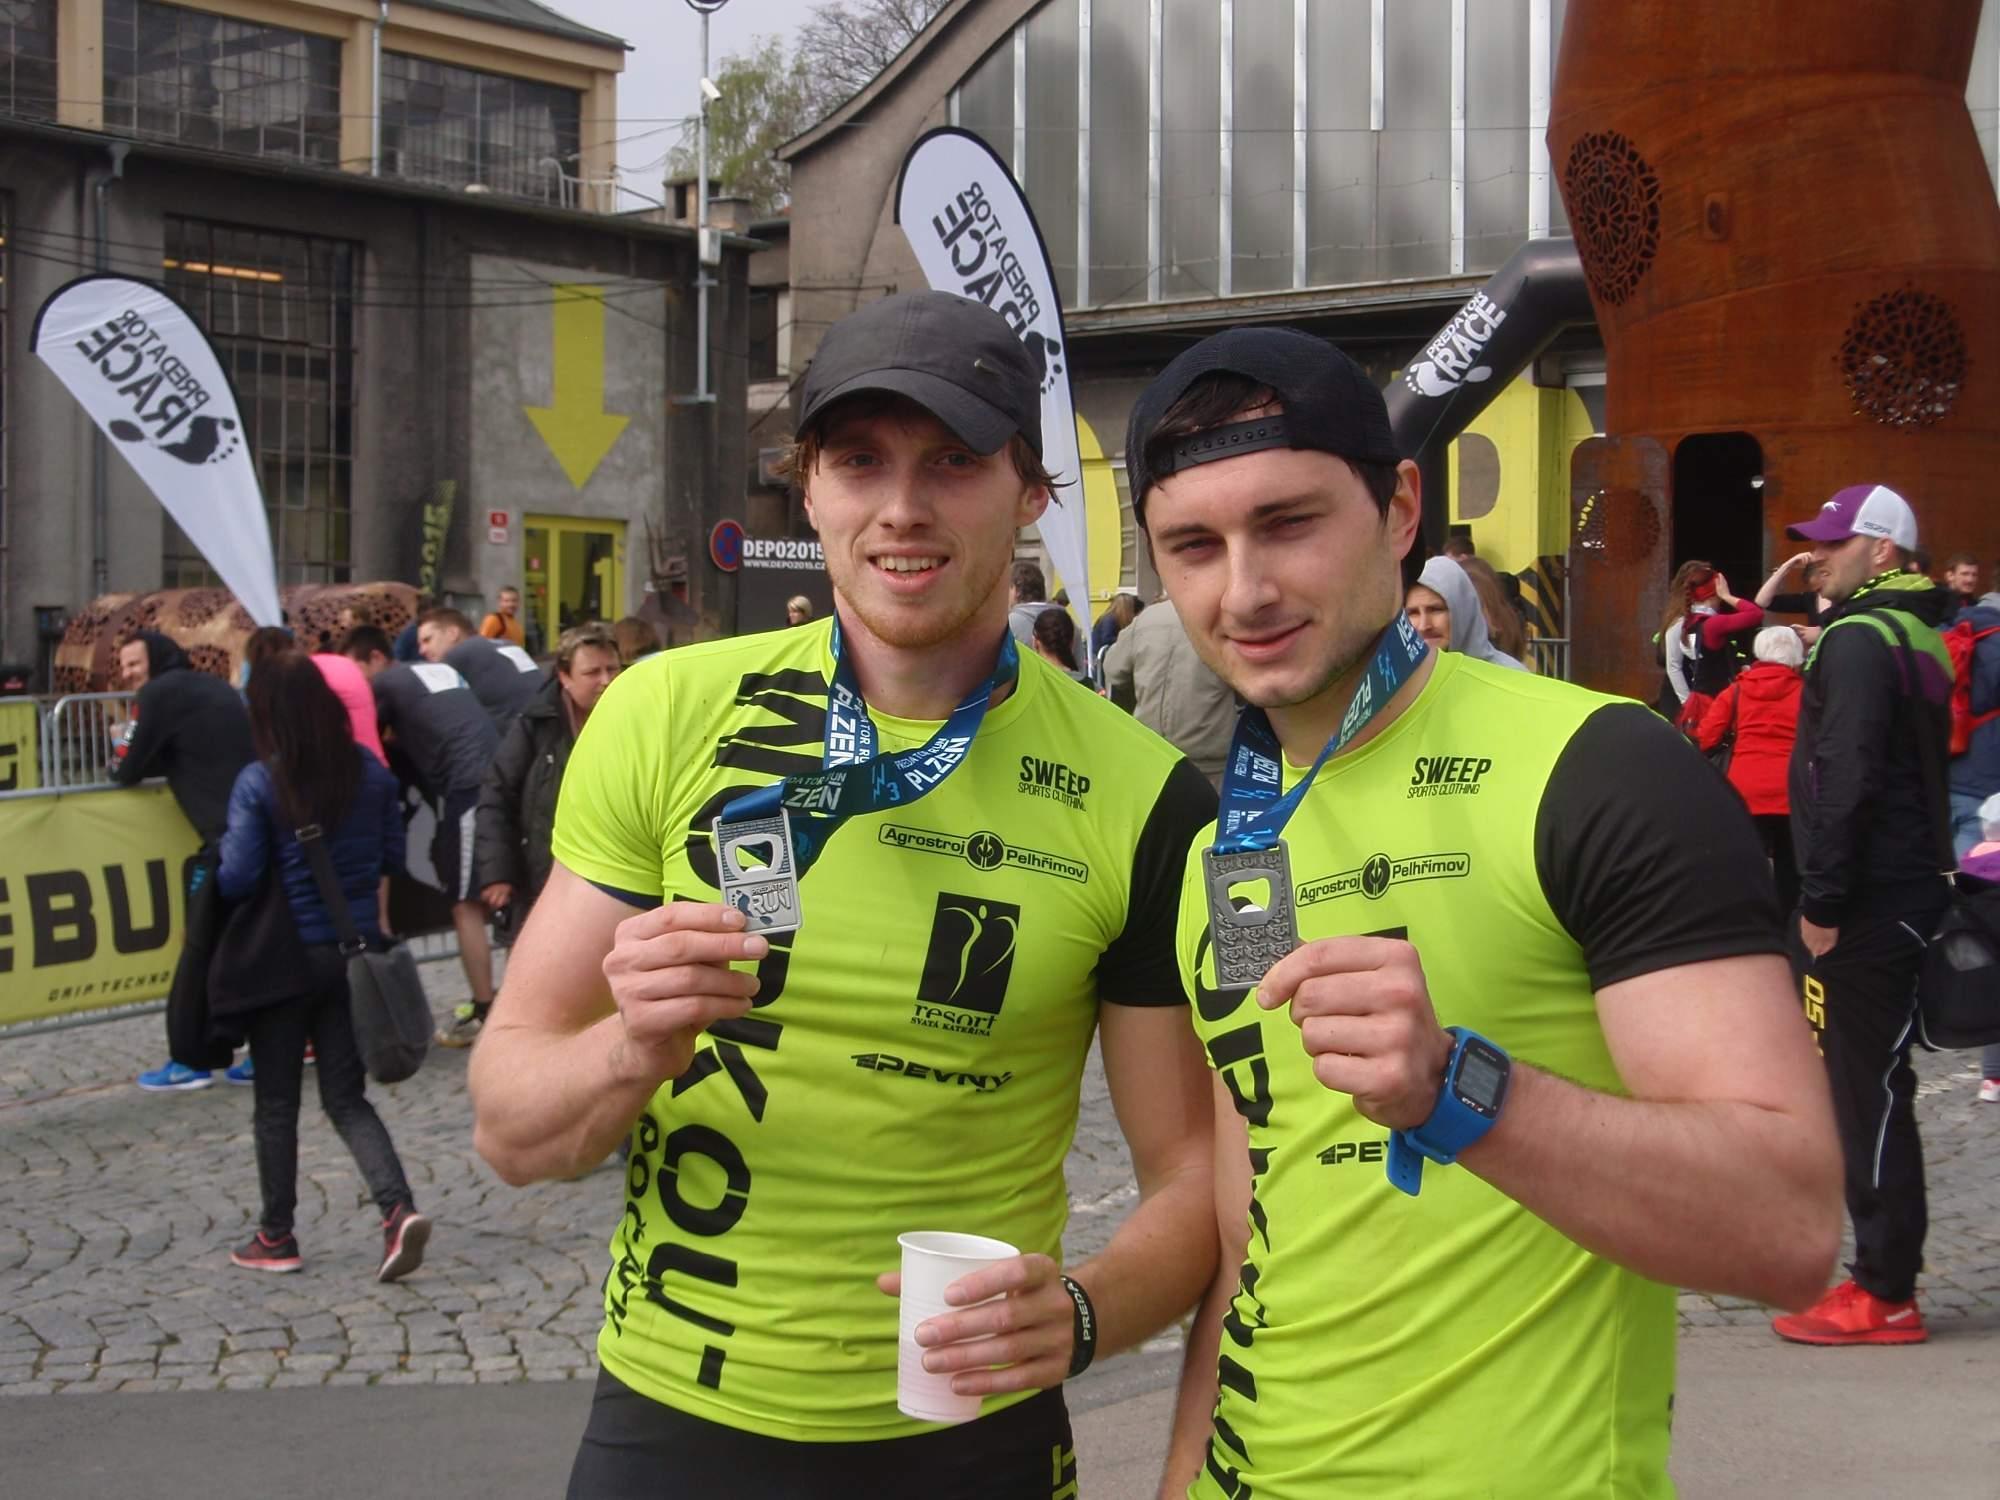 Trenéři z týmu Predátor workout Počátky Lukáš Háva (zleva) a Tadeáš Vítek. Foto: Marie Majdičová